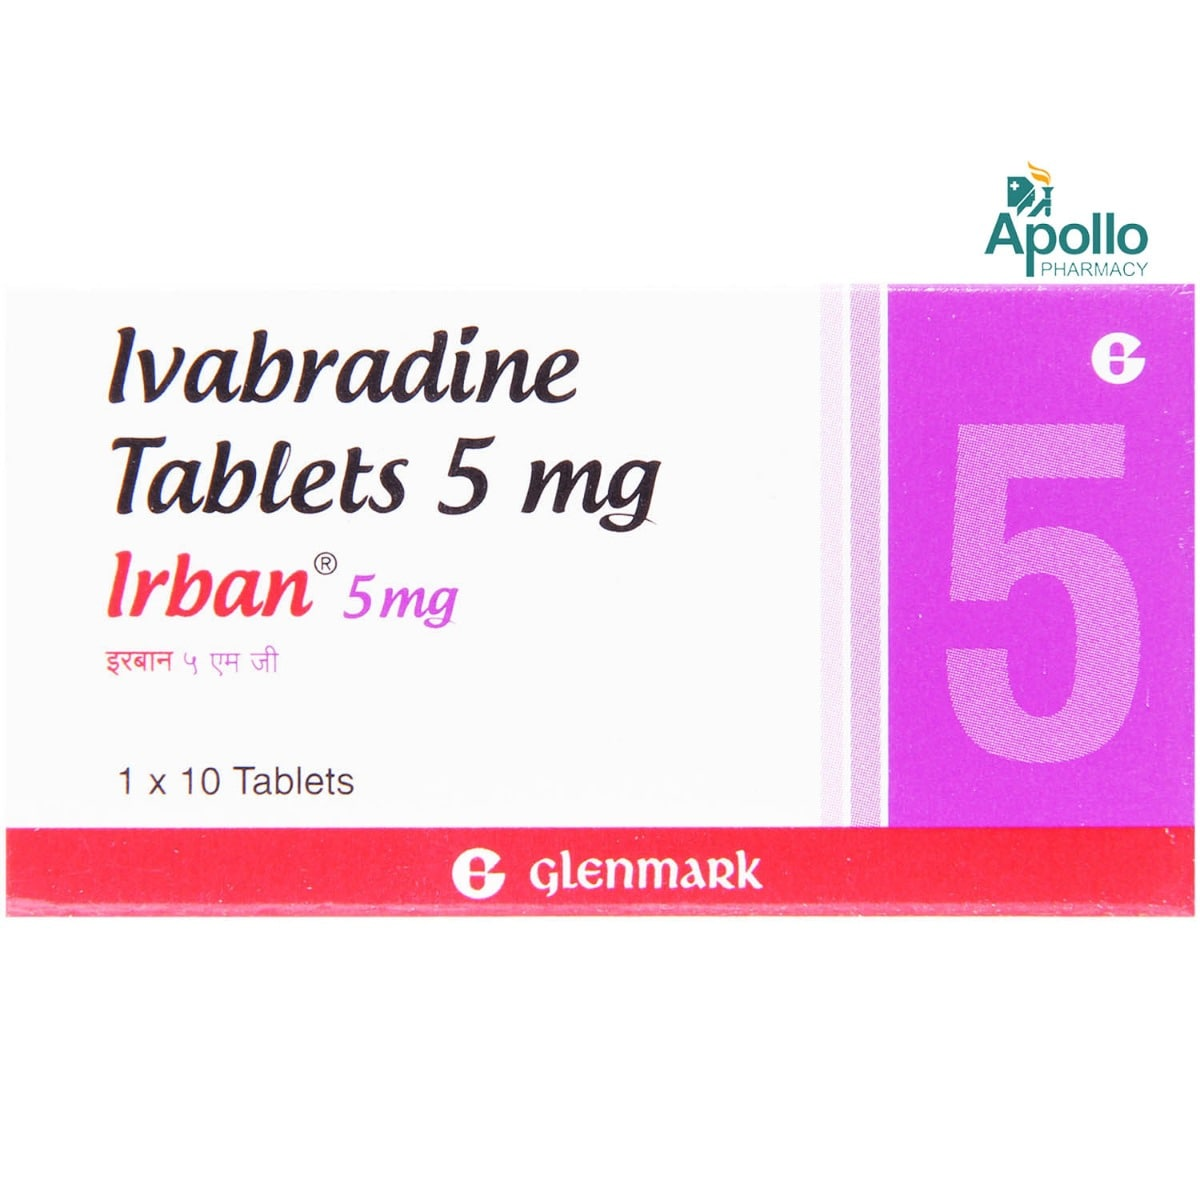 IRBAN 5MG TABLET 10'S